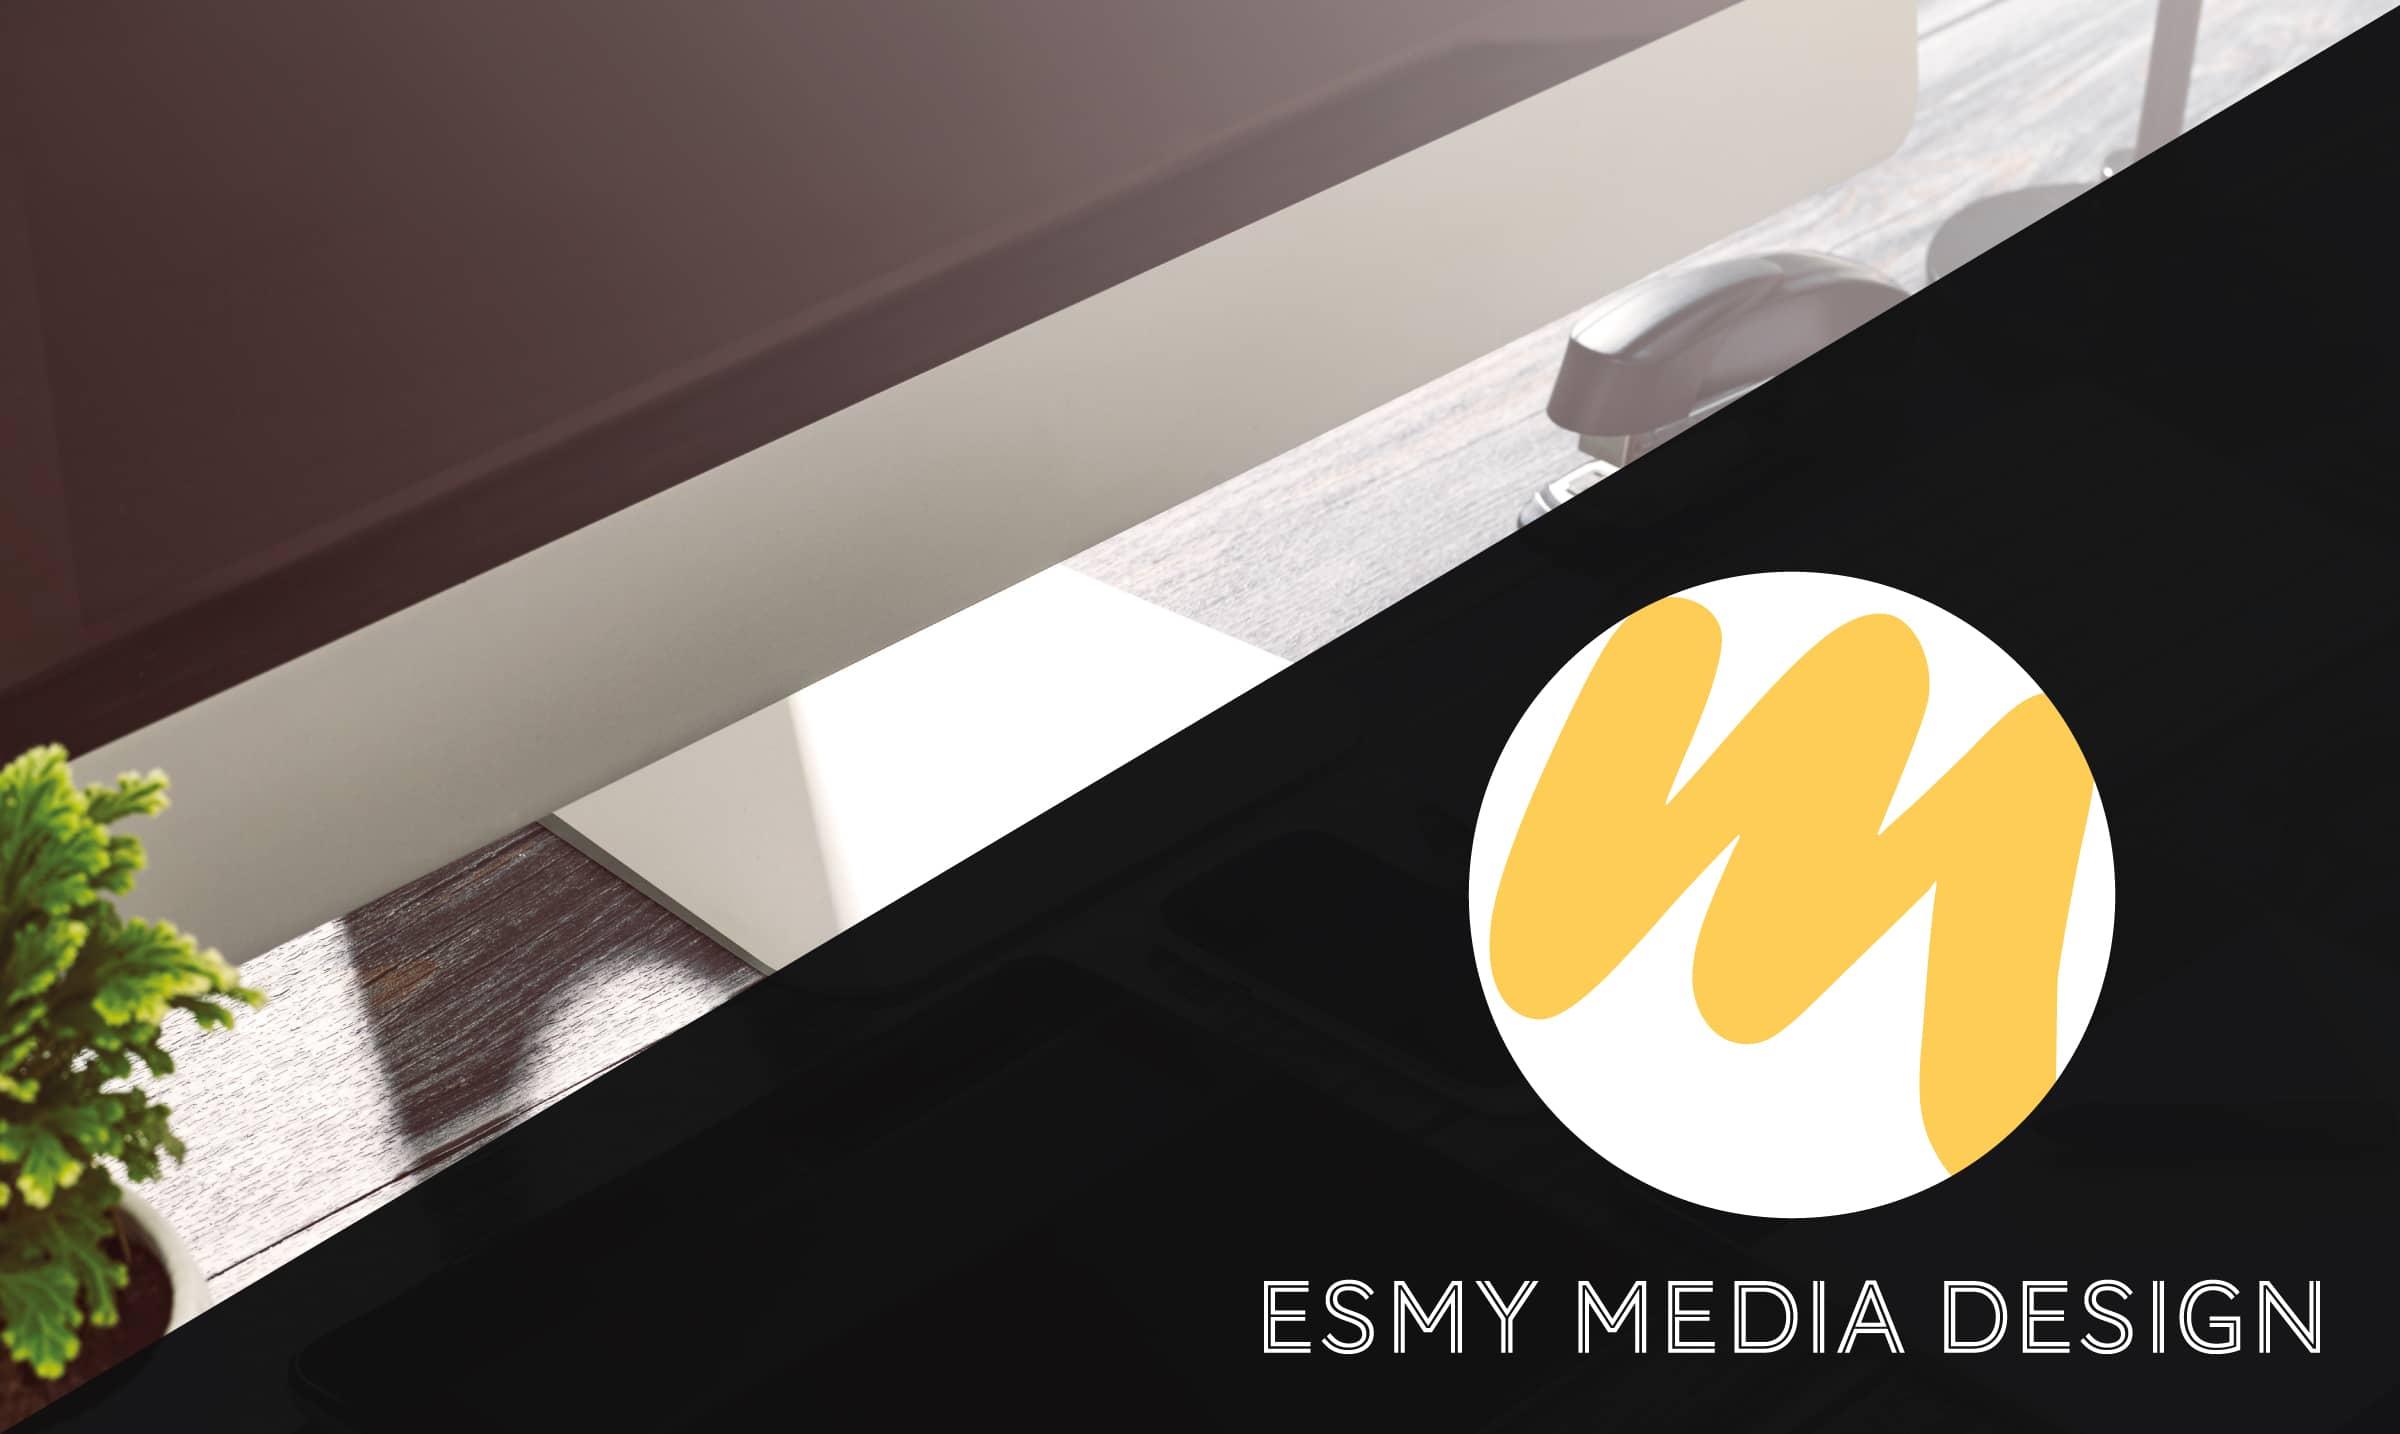 Esmy Media Design | Voor webdesign, marketing en grafische vormgeving!